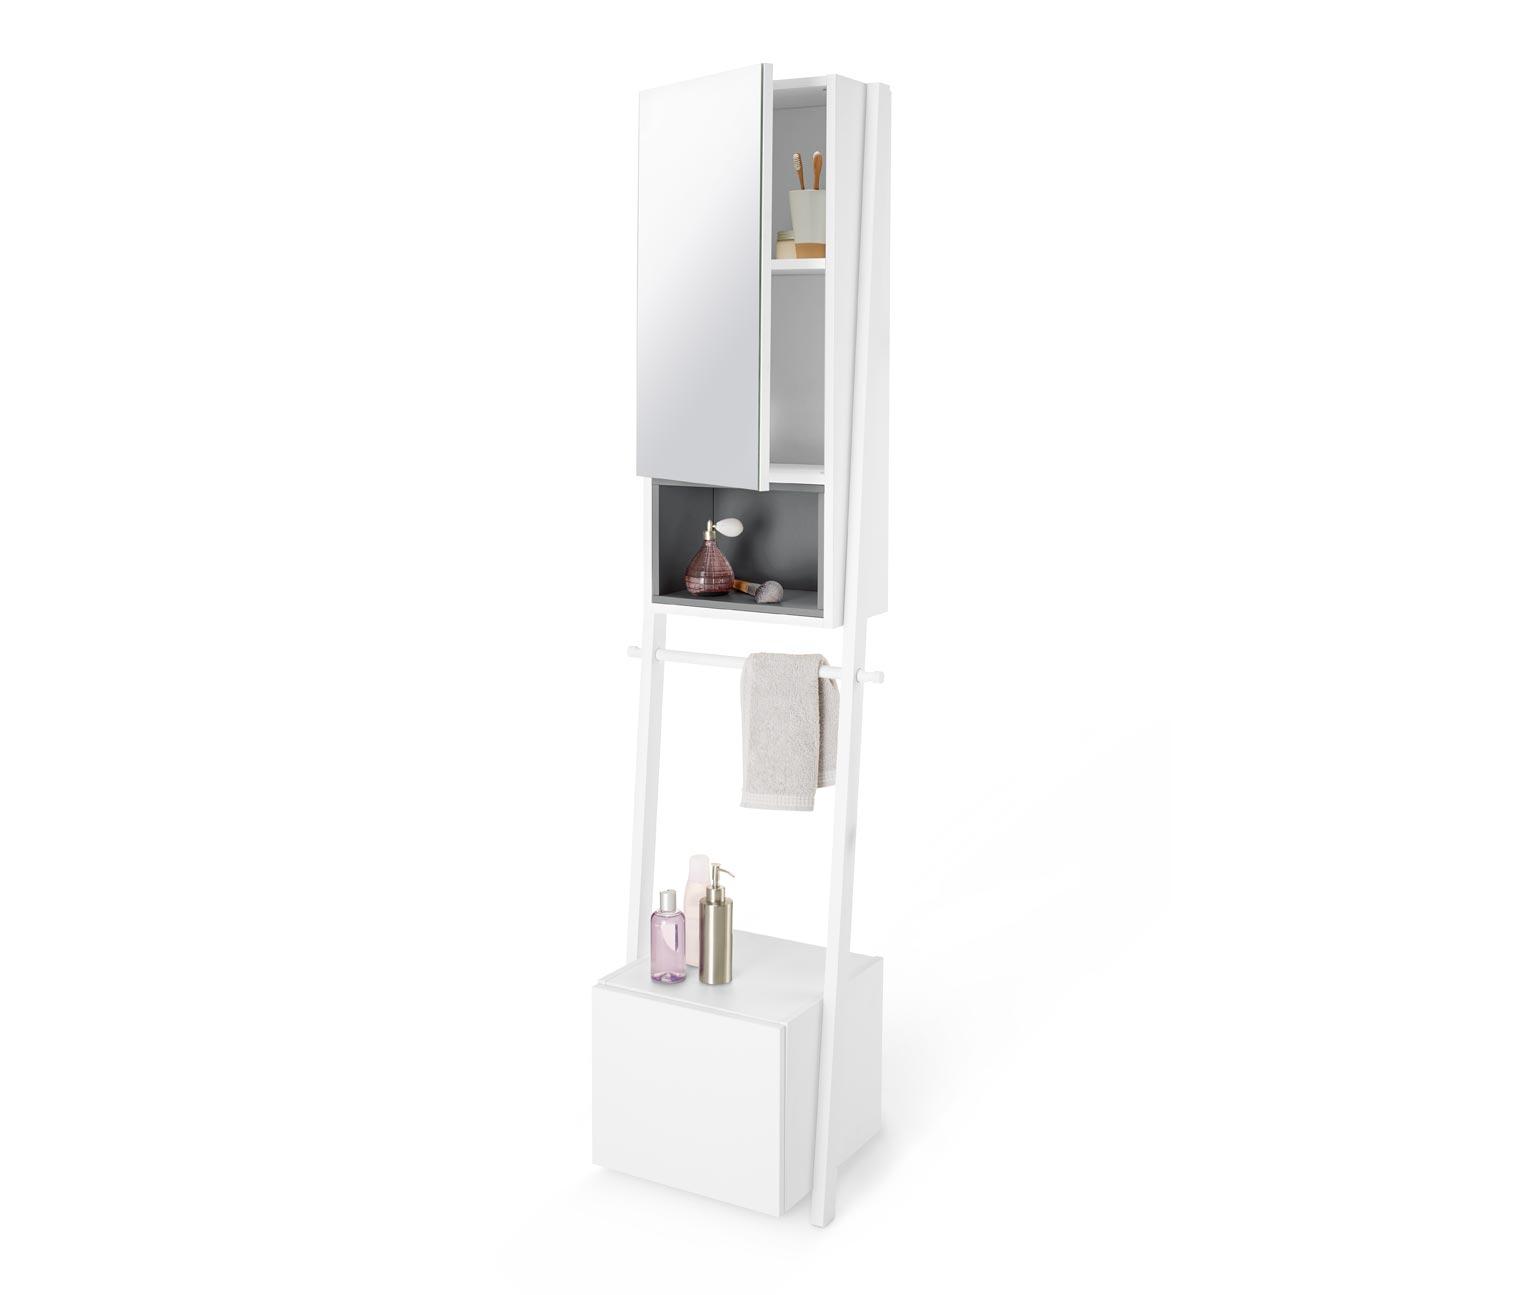 Badezimmer-Spiegelschrank, mit Handtuchhalterung, 2 Türen. Tchibo ...